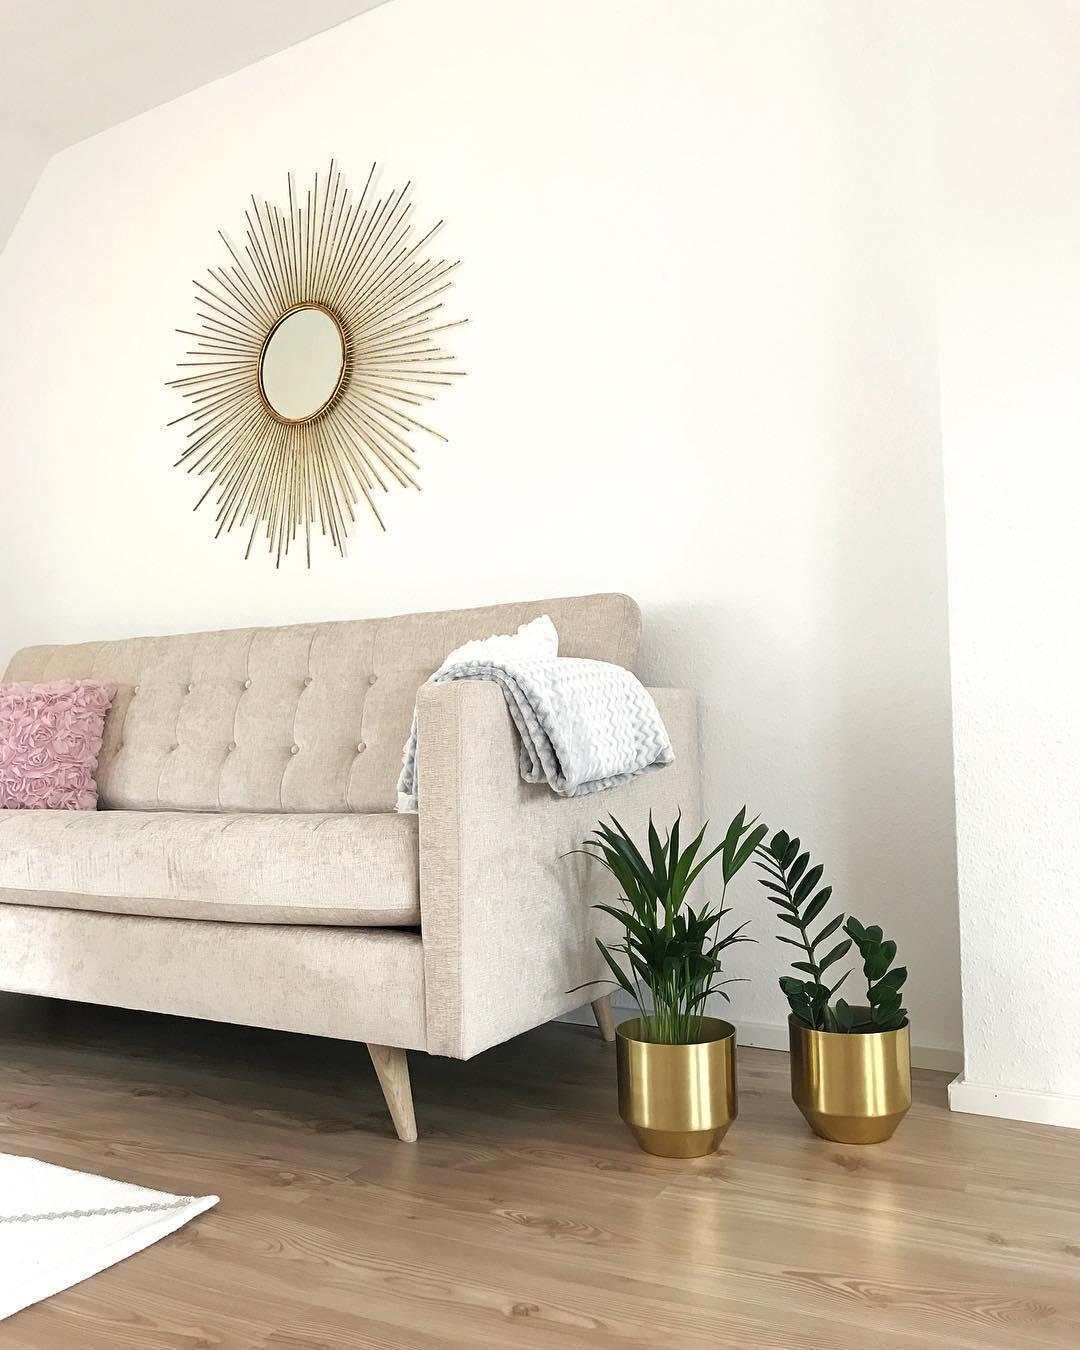 Pin von Li Li auf Wohnzimmer | Sonnenspiegel, Dekor, Style